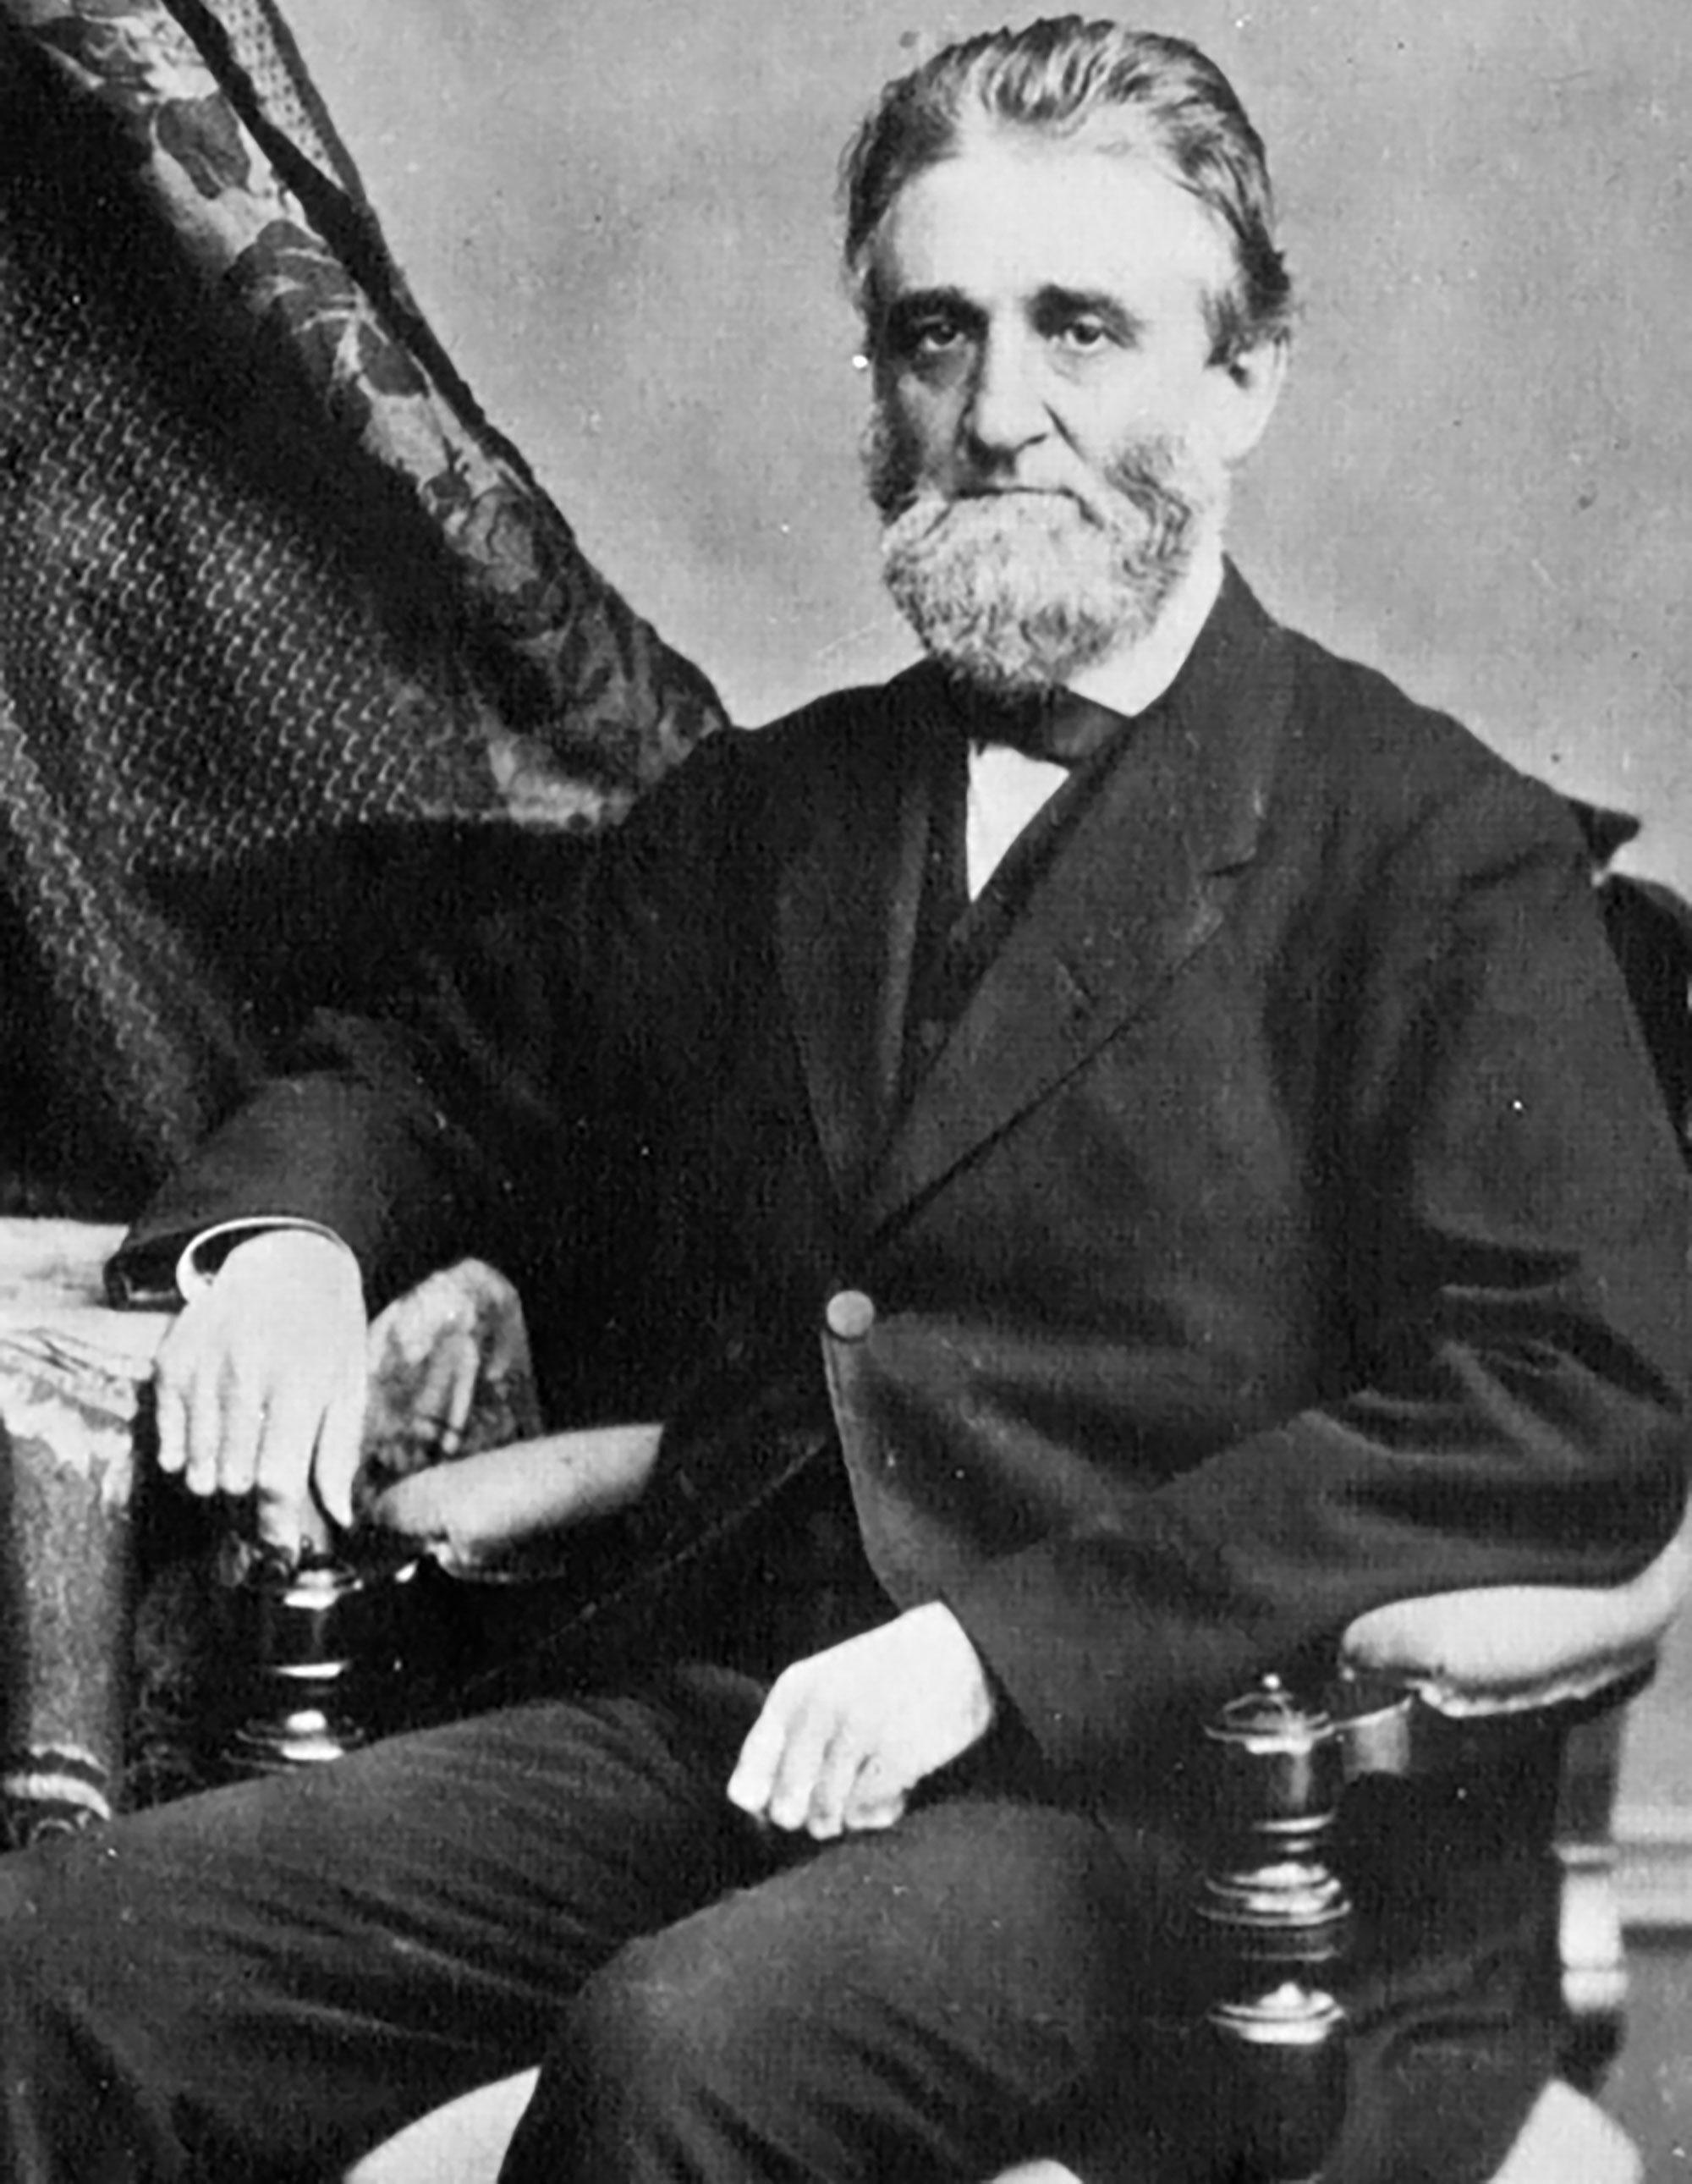 Wilbur Storey